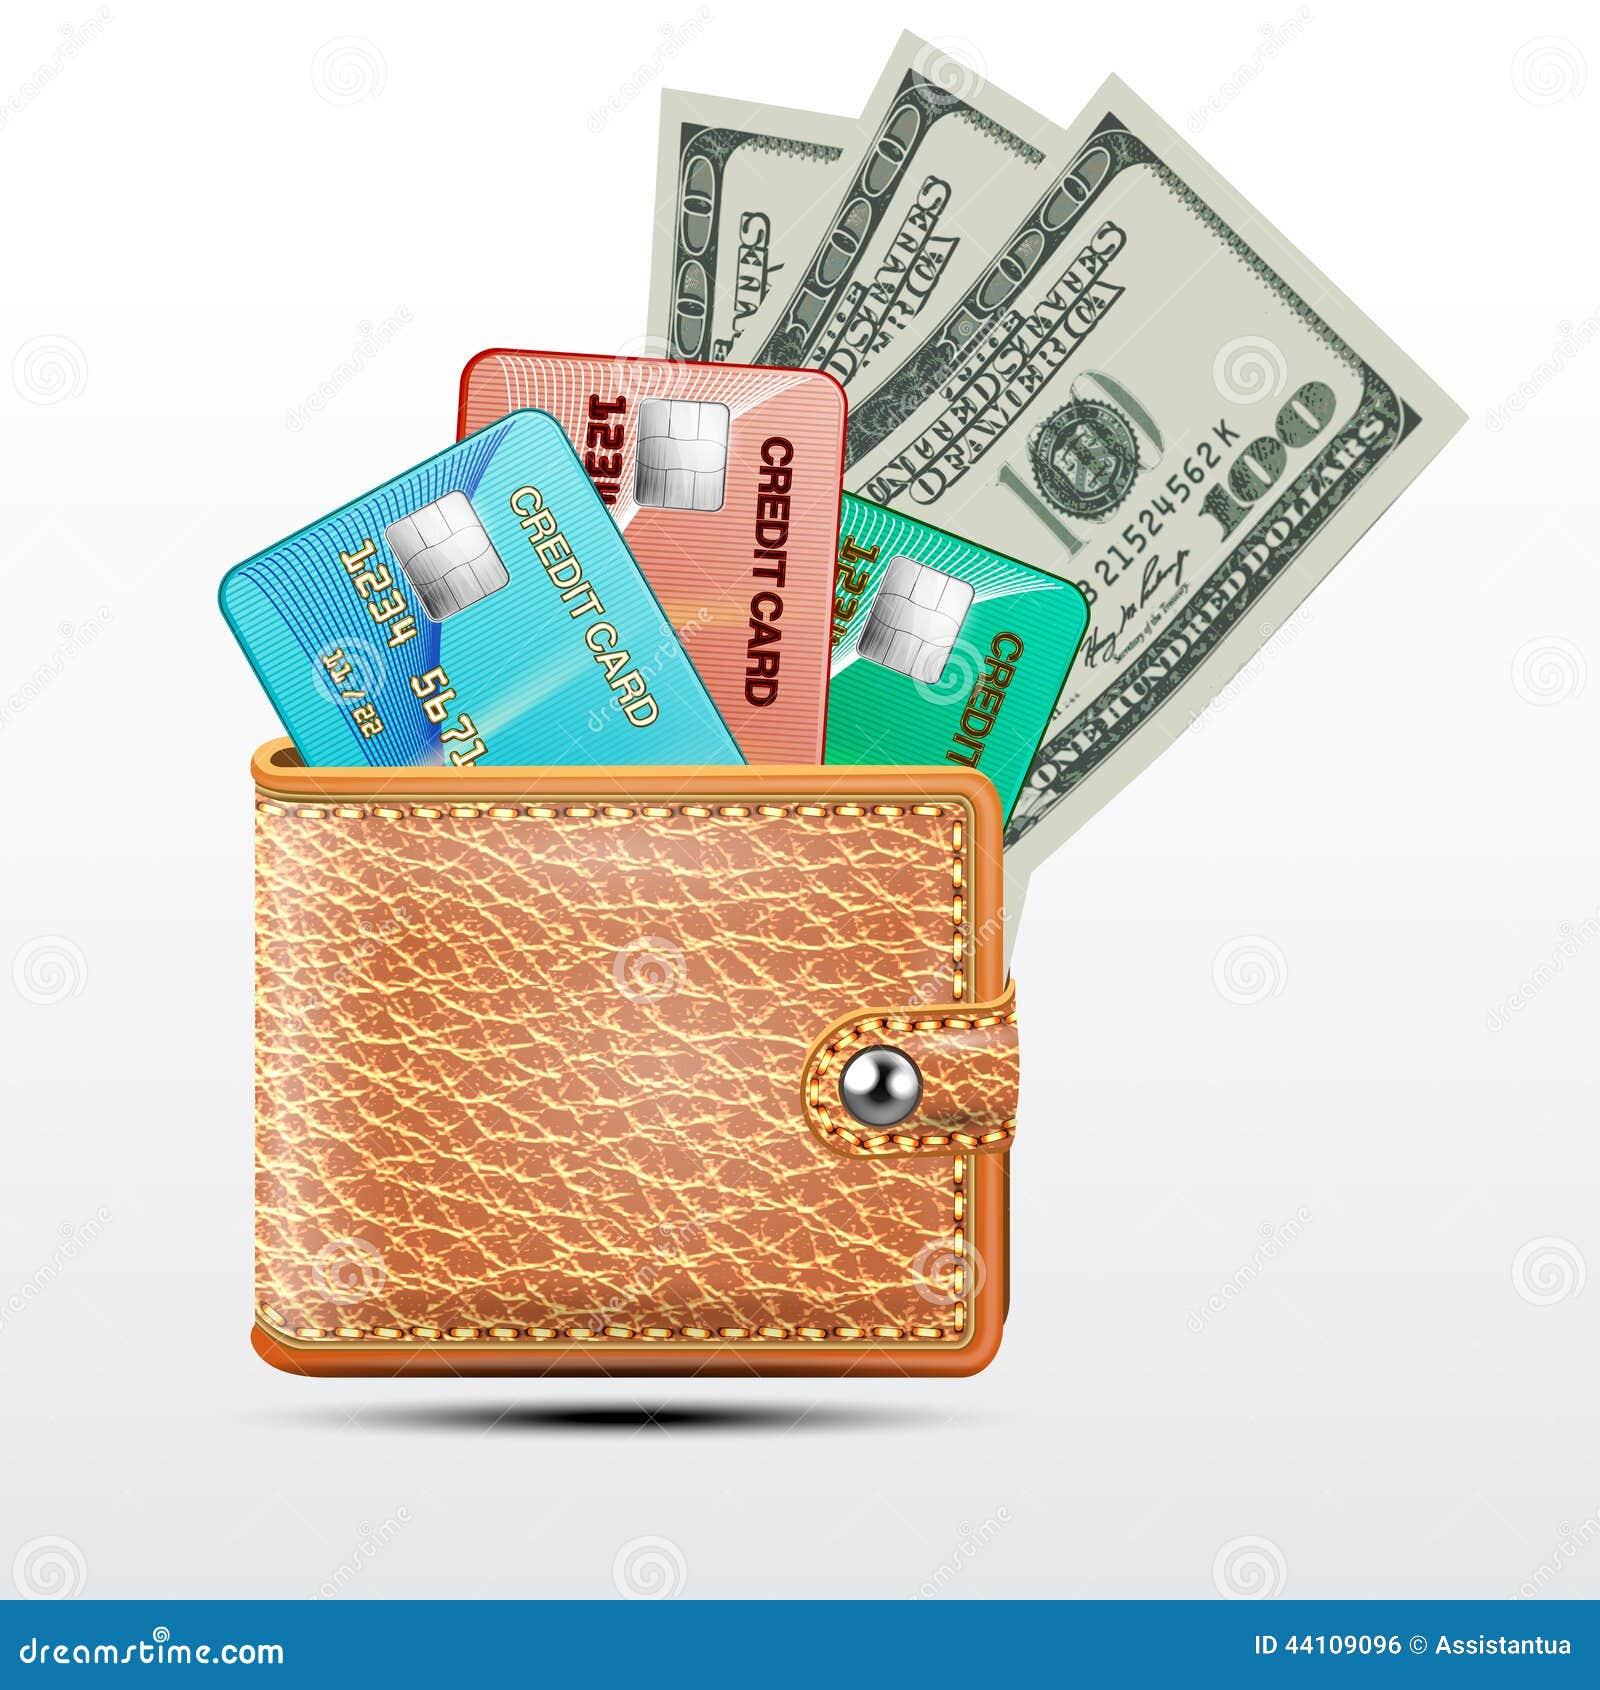 Carteira de couro com cartões de crédito, dólares dos EUA